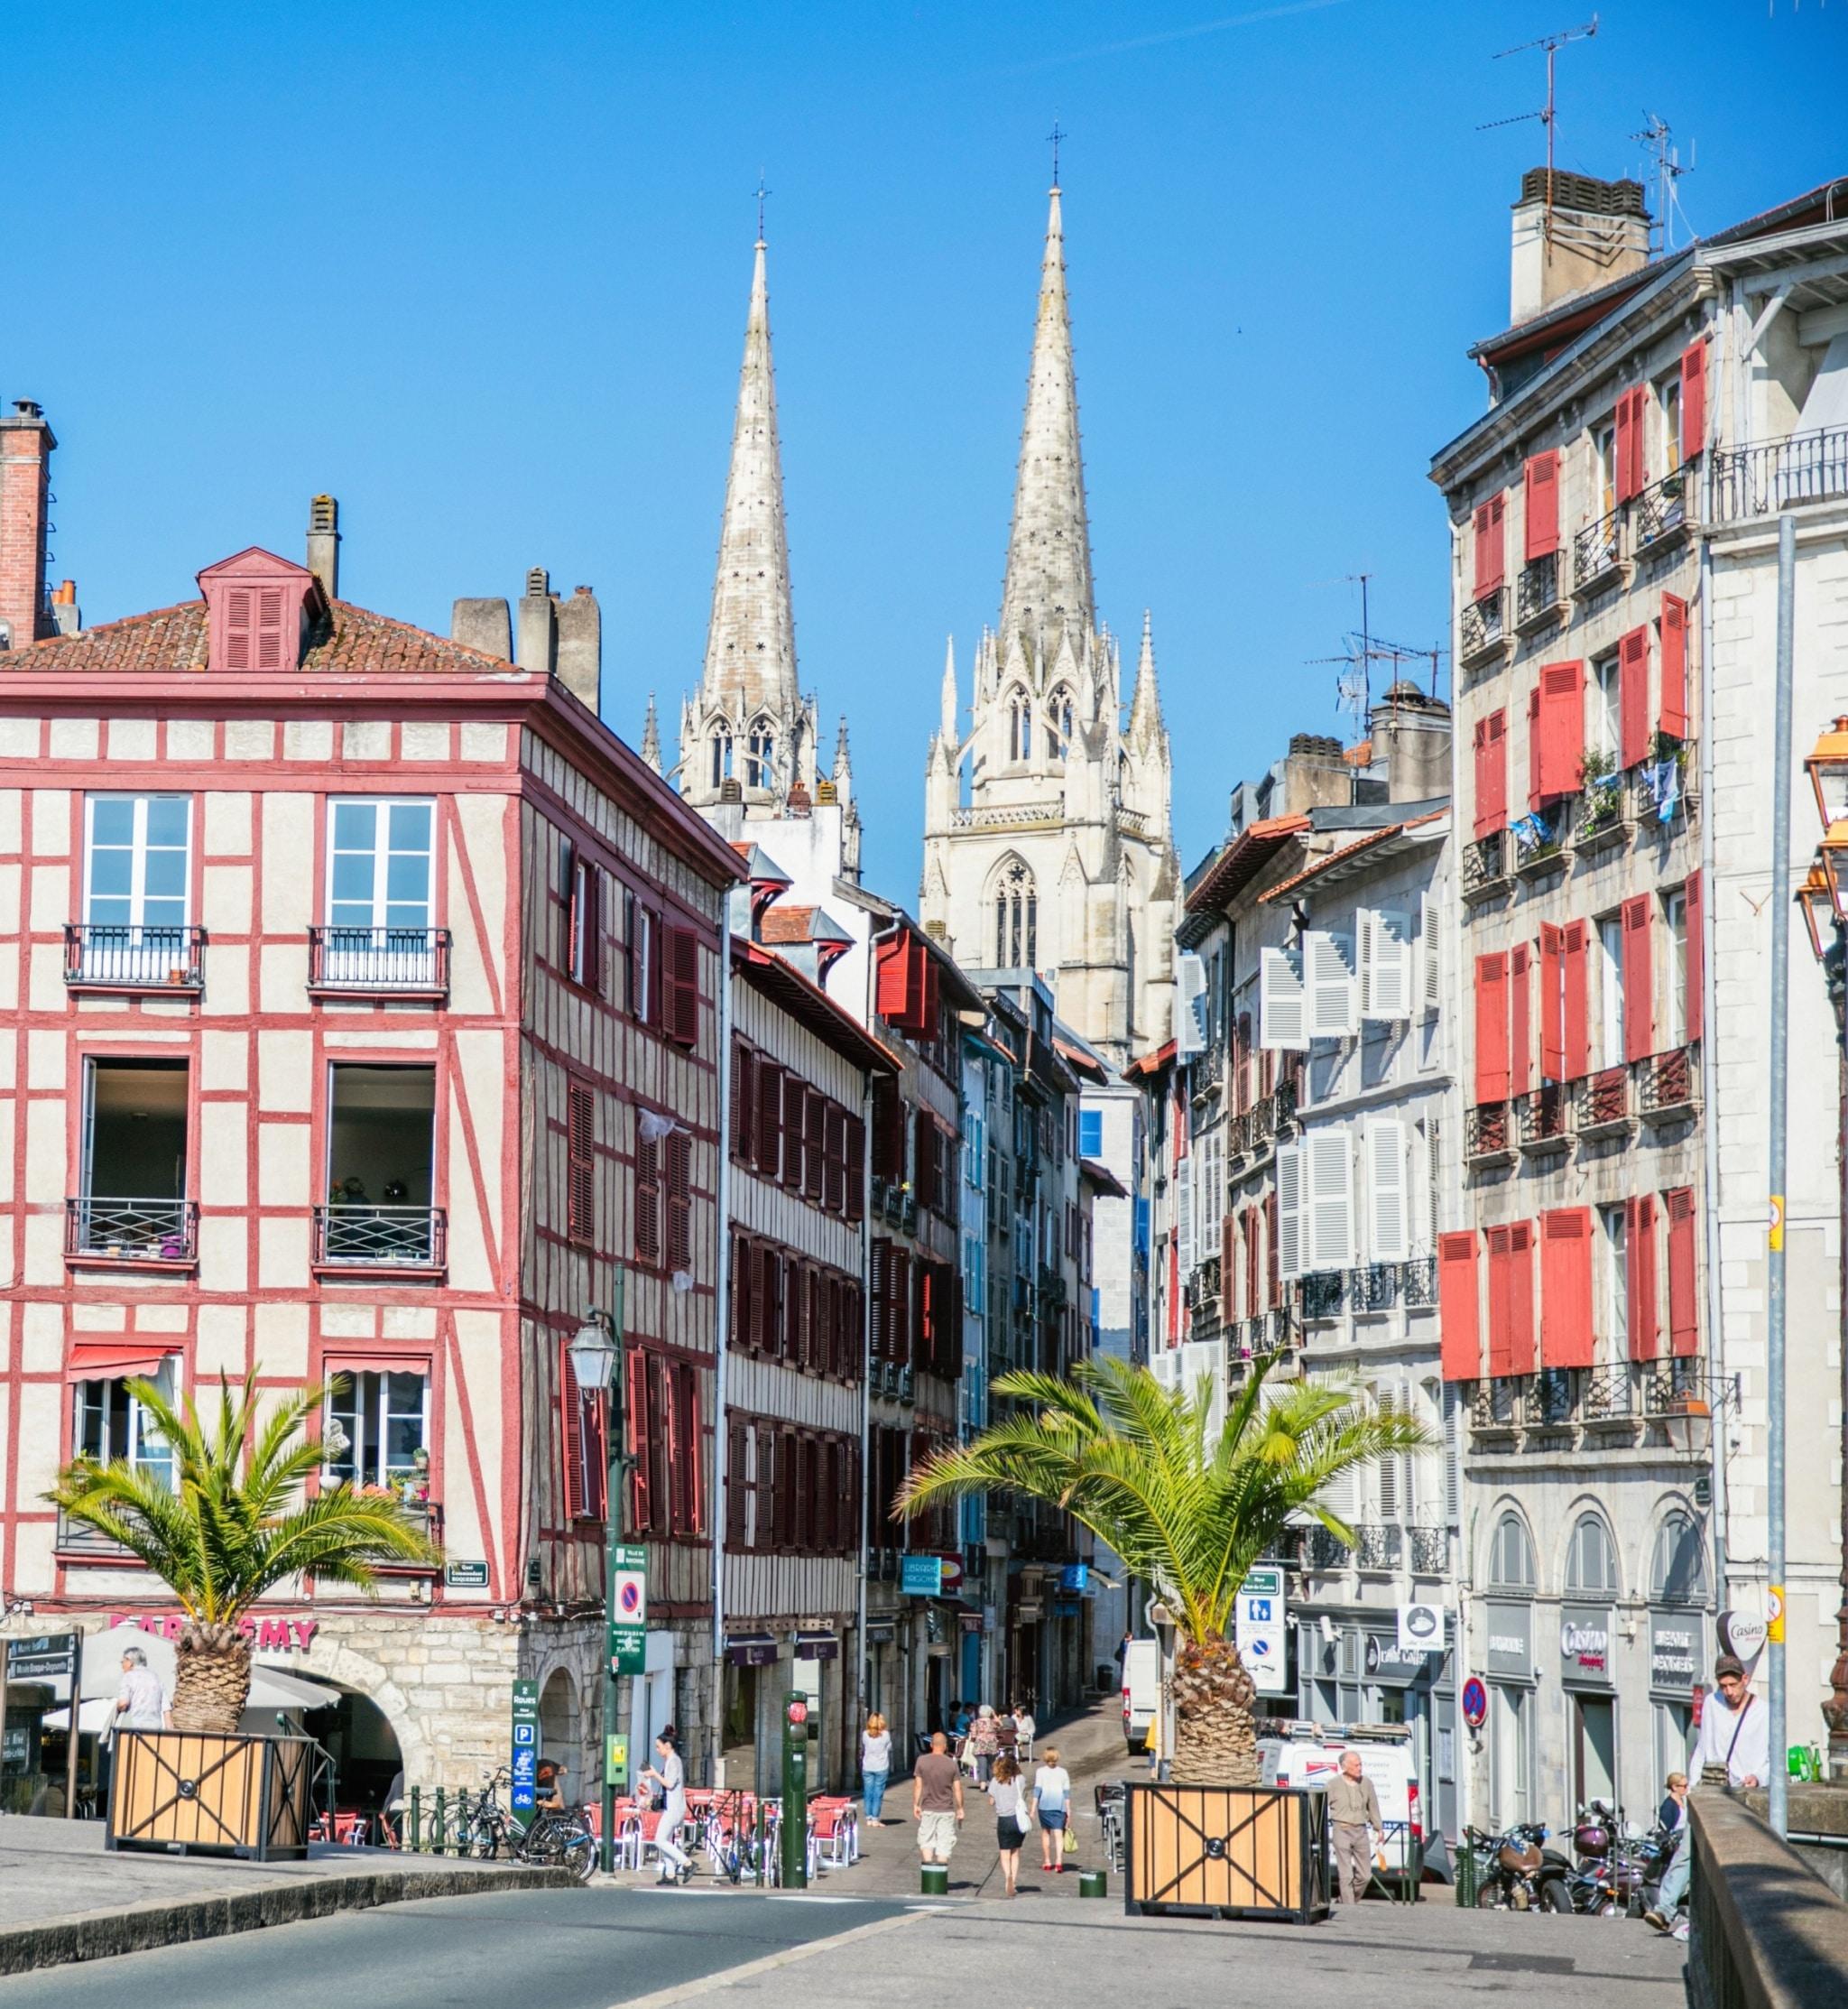 visite-guidee-paysbasque-Bayonne-quai-Nive©Pierre-Alex